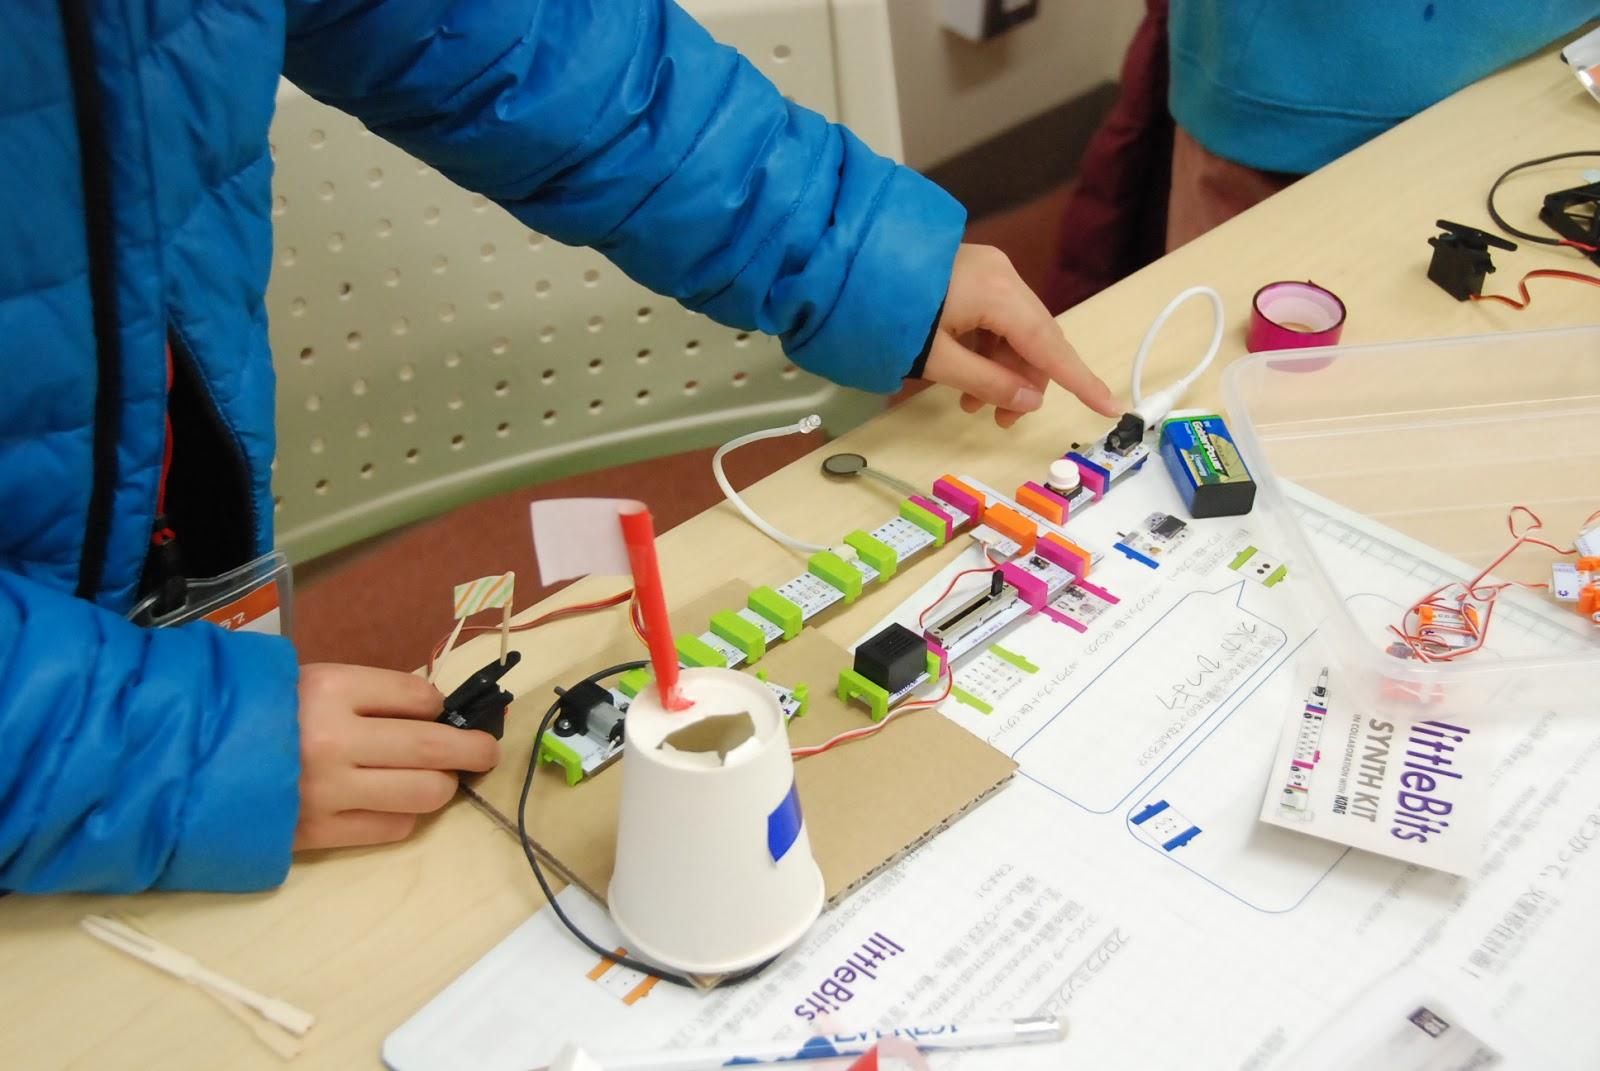 ロボット&プログラミング教室「littleBitsでミッションにチャレンジ!」事前申込み制